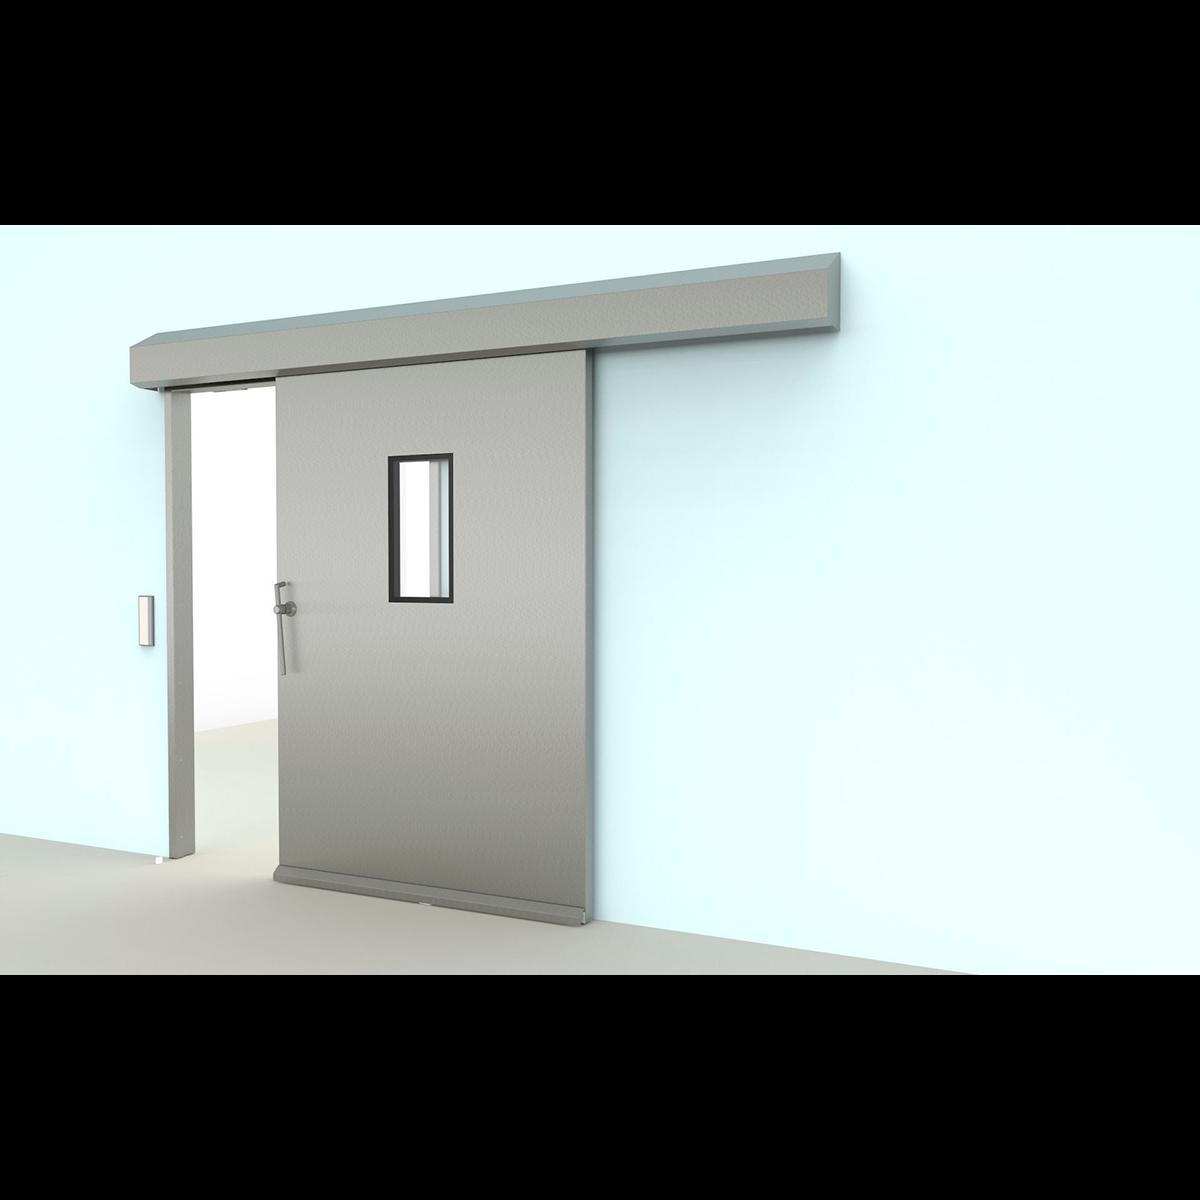 Laboratory door